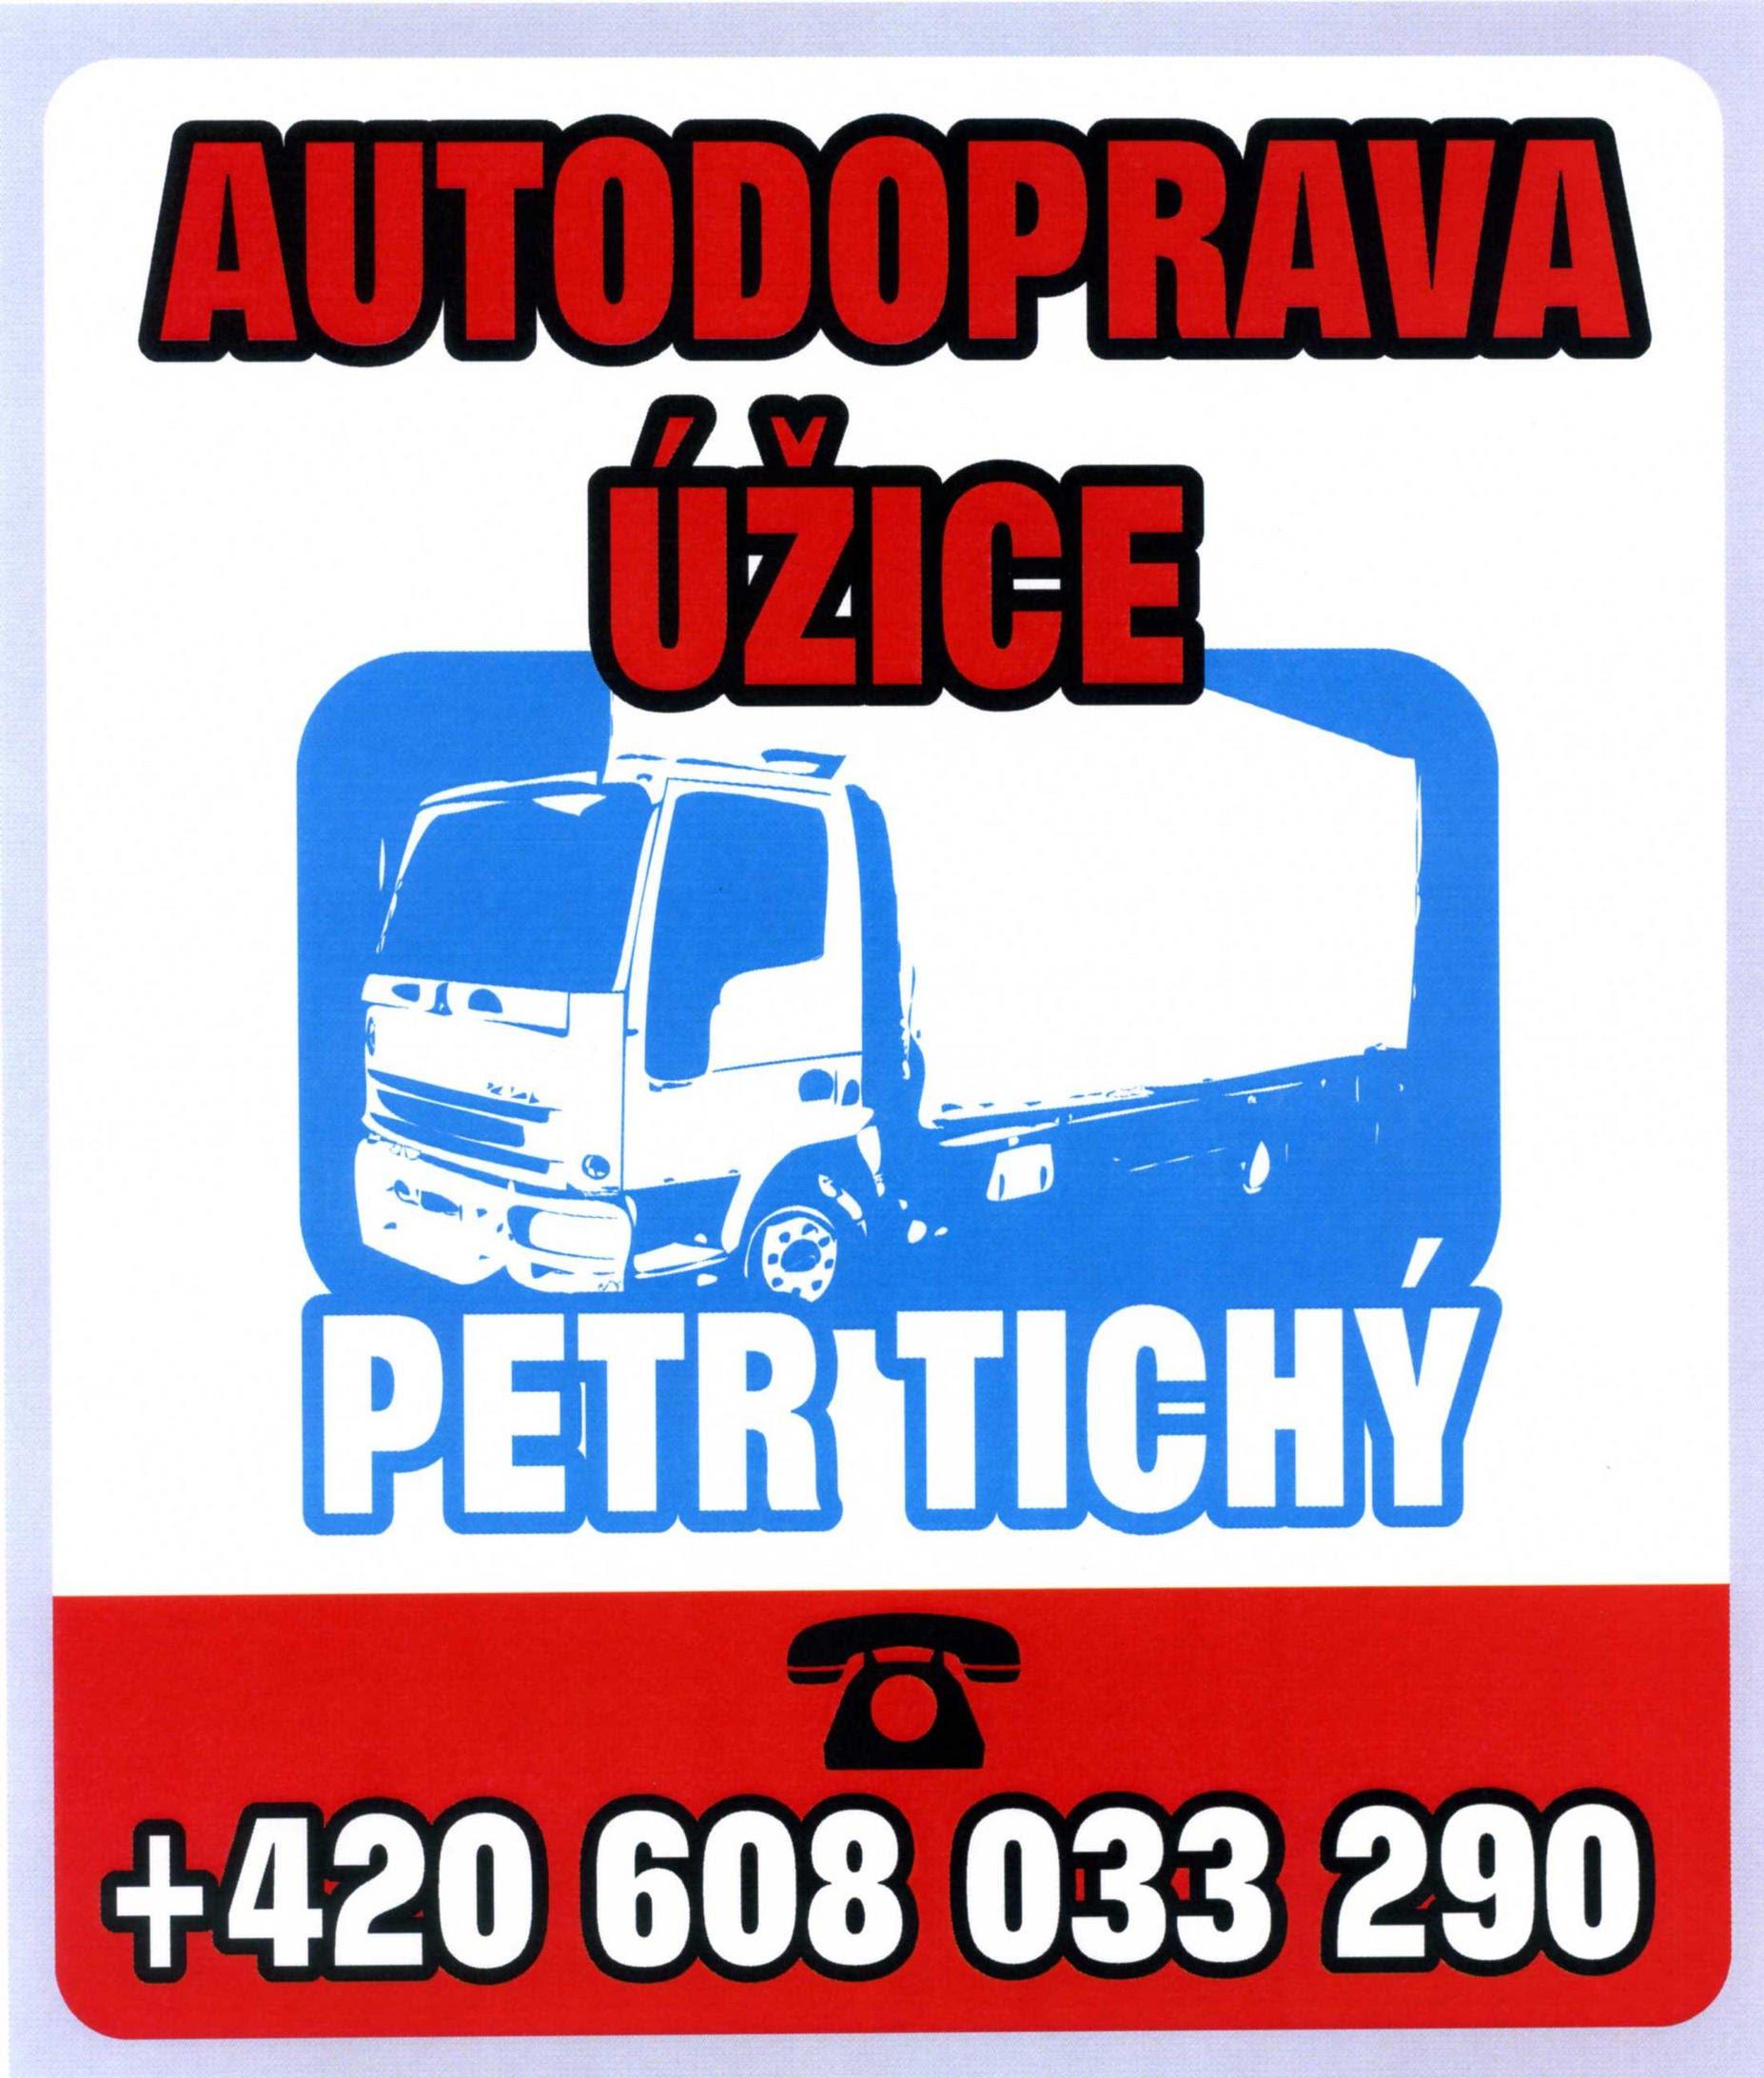 kralupy nad vltavou chat sites Kralupy nad vltavou town in the czech republic  kralupy od lobčejpg 2,048 × 1,536  other sites (0 entries) edit.